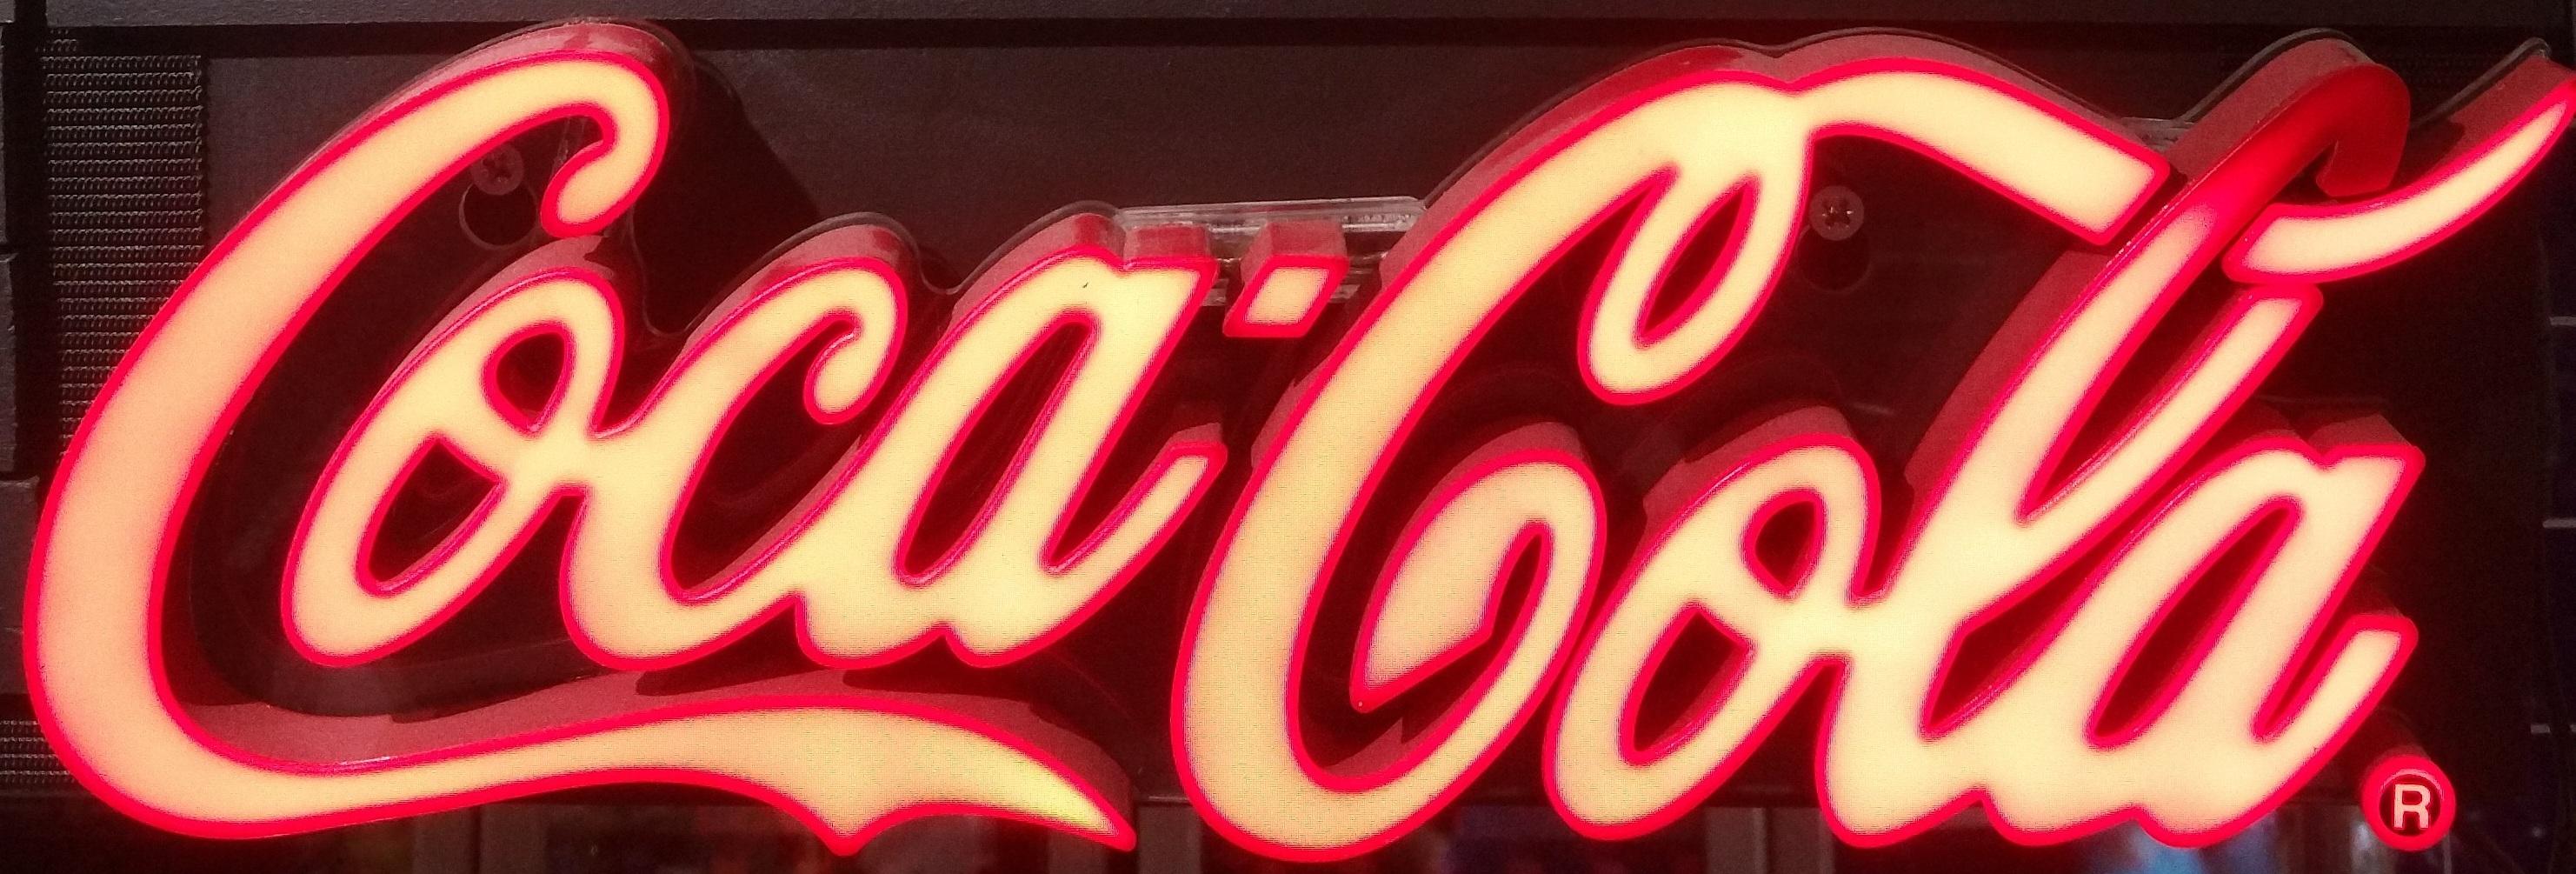 coke cropped.jpg